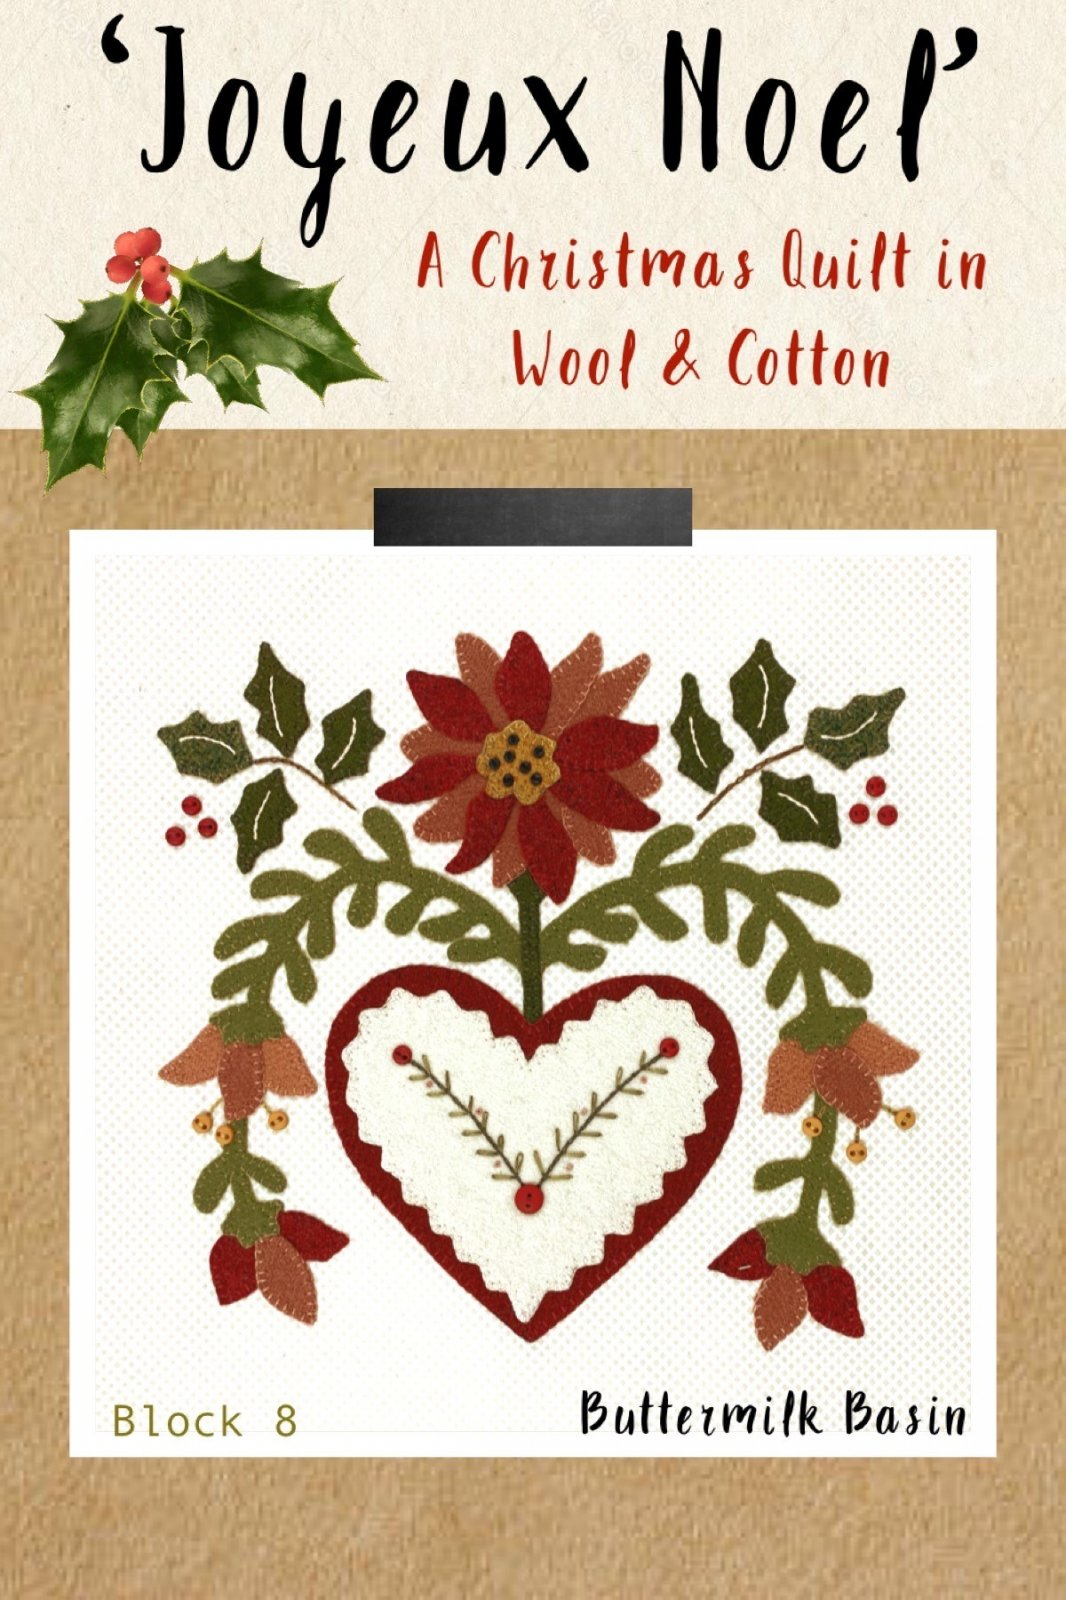 Joyeux Noel Block 8 * Kit & Pattern